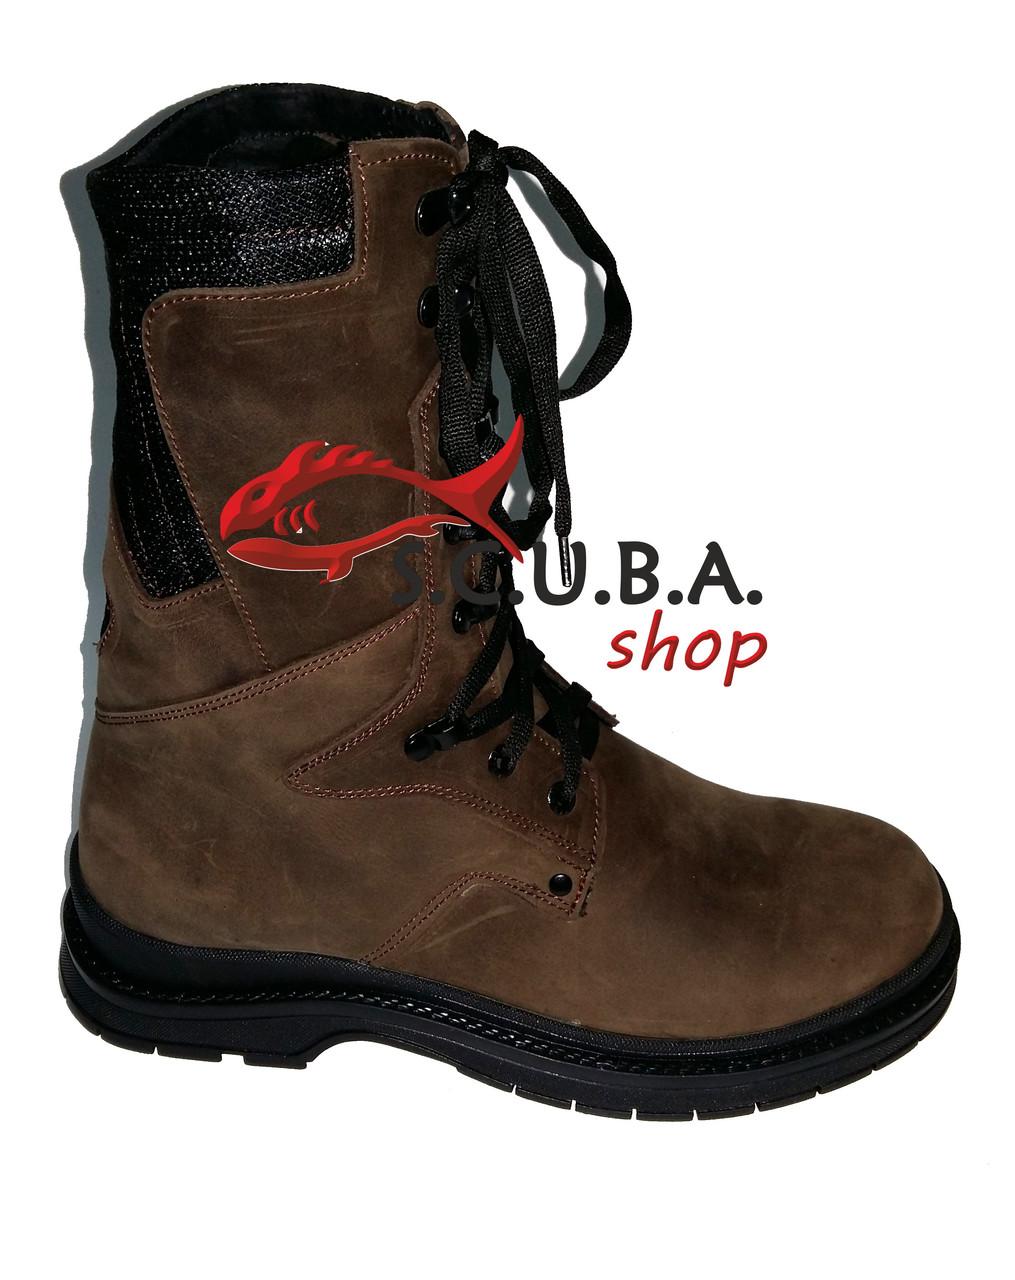 ff90eca6e Зимние мужские ботинки на натуральном меху